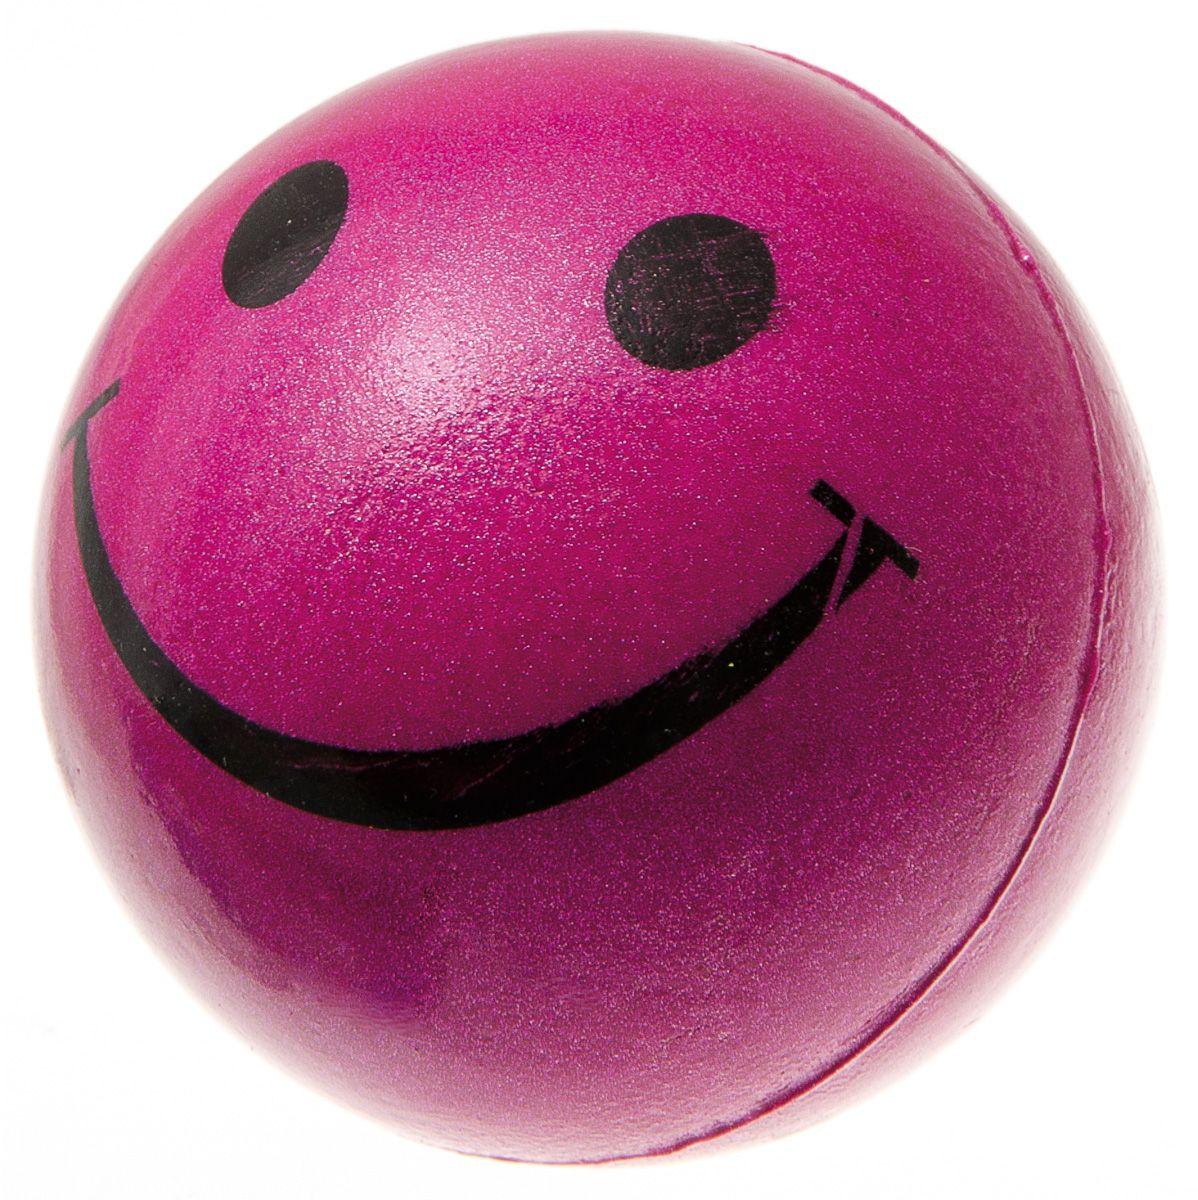 Мяч V.I.Pet Смайлик, цвет: розовый, диаметр 63 мм. 20-11150120710Предназначен для игр, тренировок и активного отдыха с животными. Мяч заинтересует и увлечёт вашего питомца. Сделана из абсолютно безопасного и качественного материала. Материал: вспененная резина.